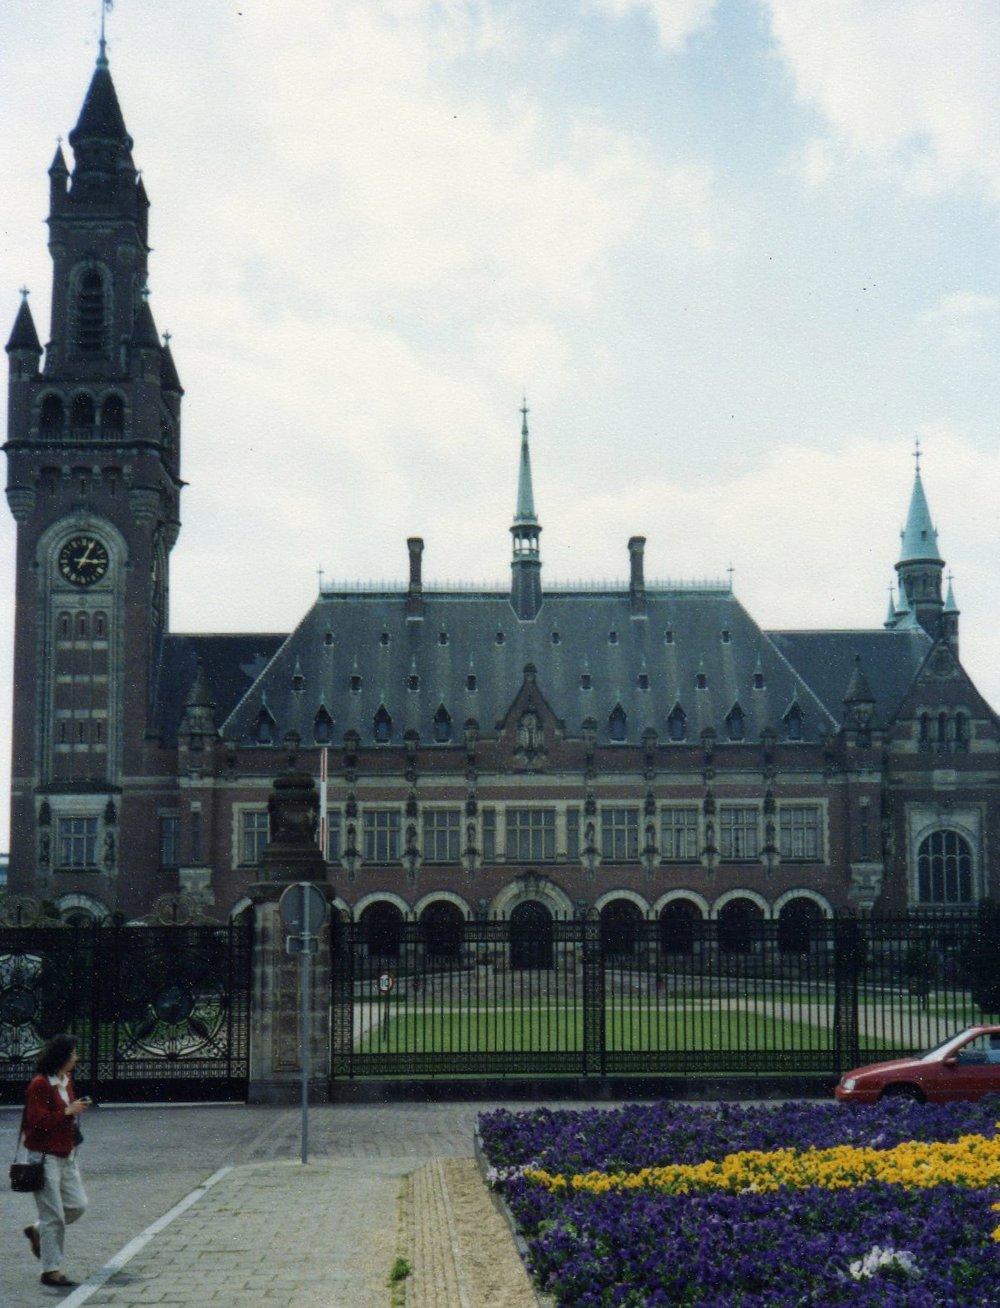 The Hague International court -